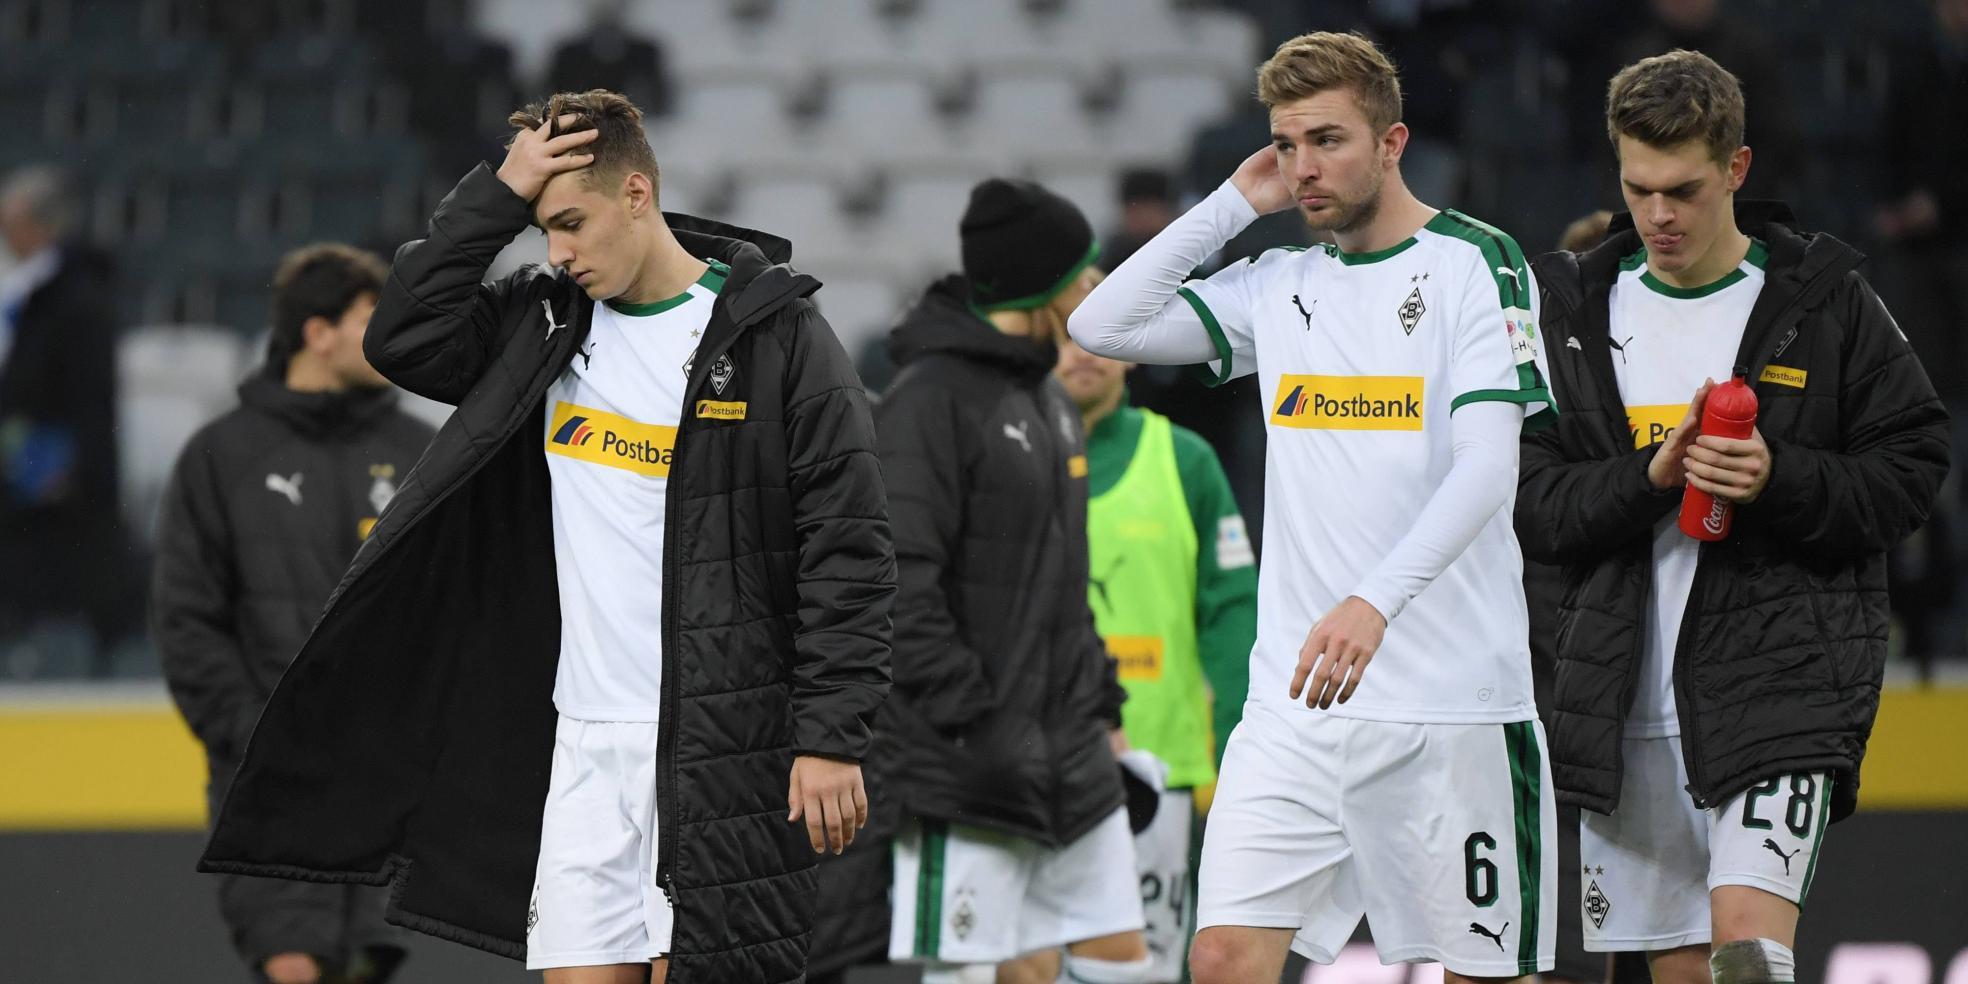 Christoph Kramer von Borussia Mönchengladbach